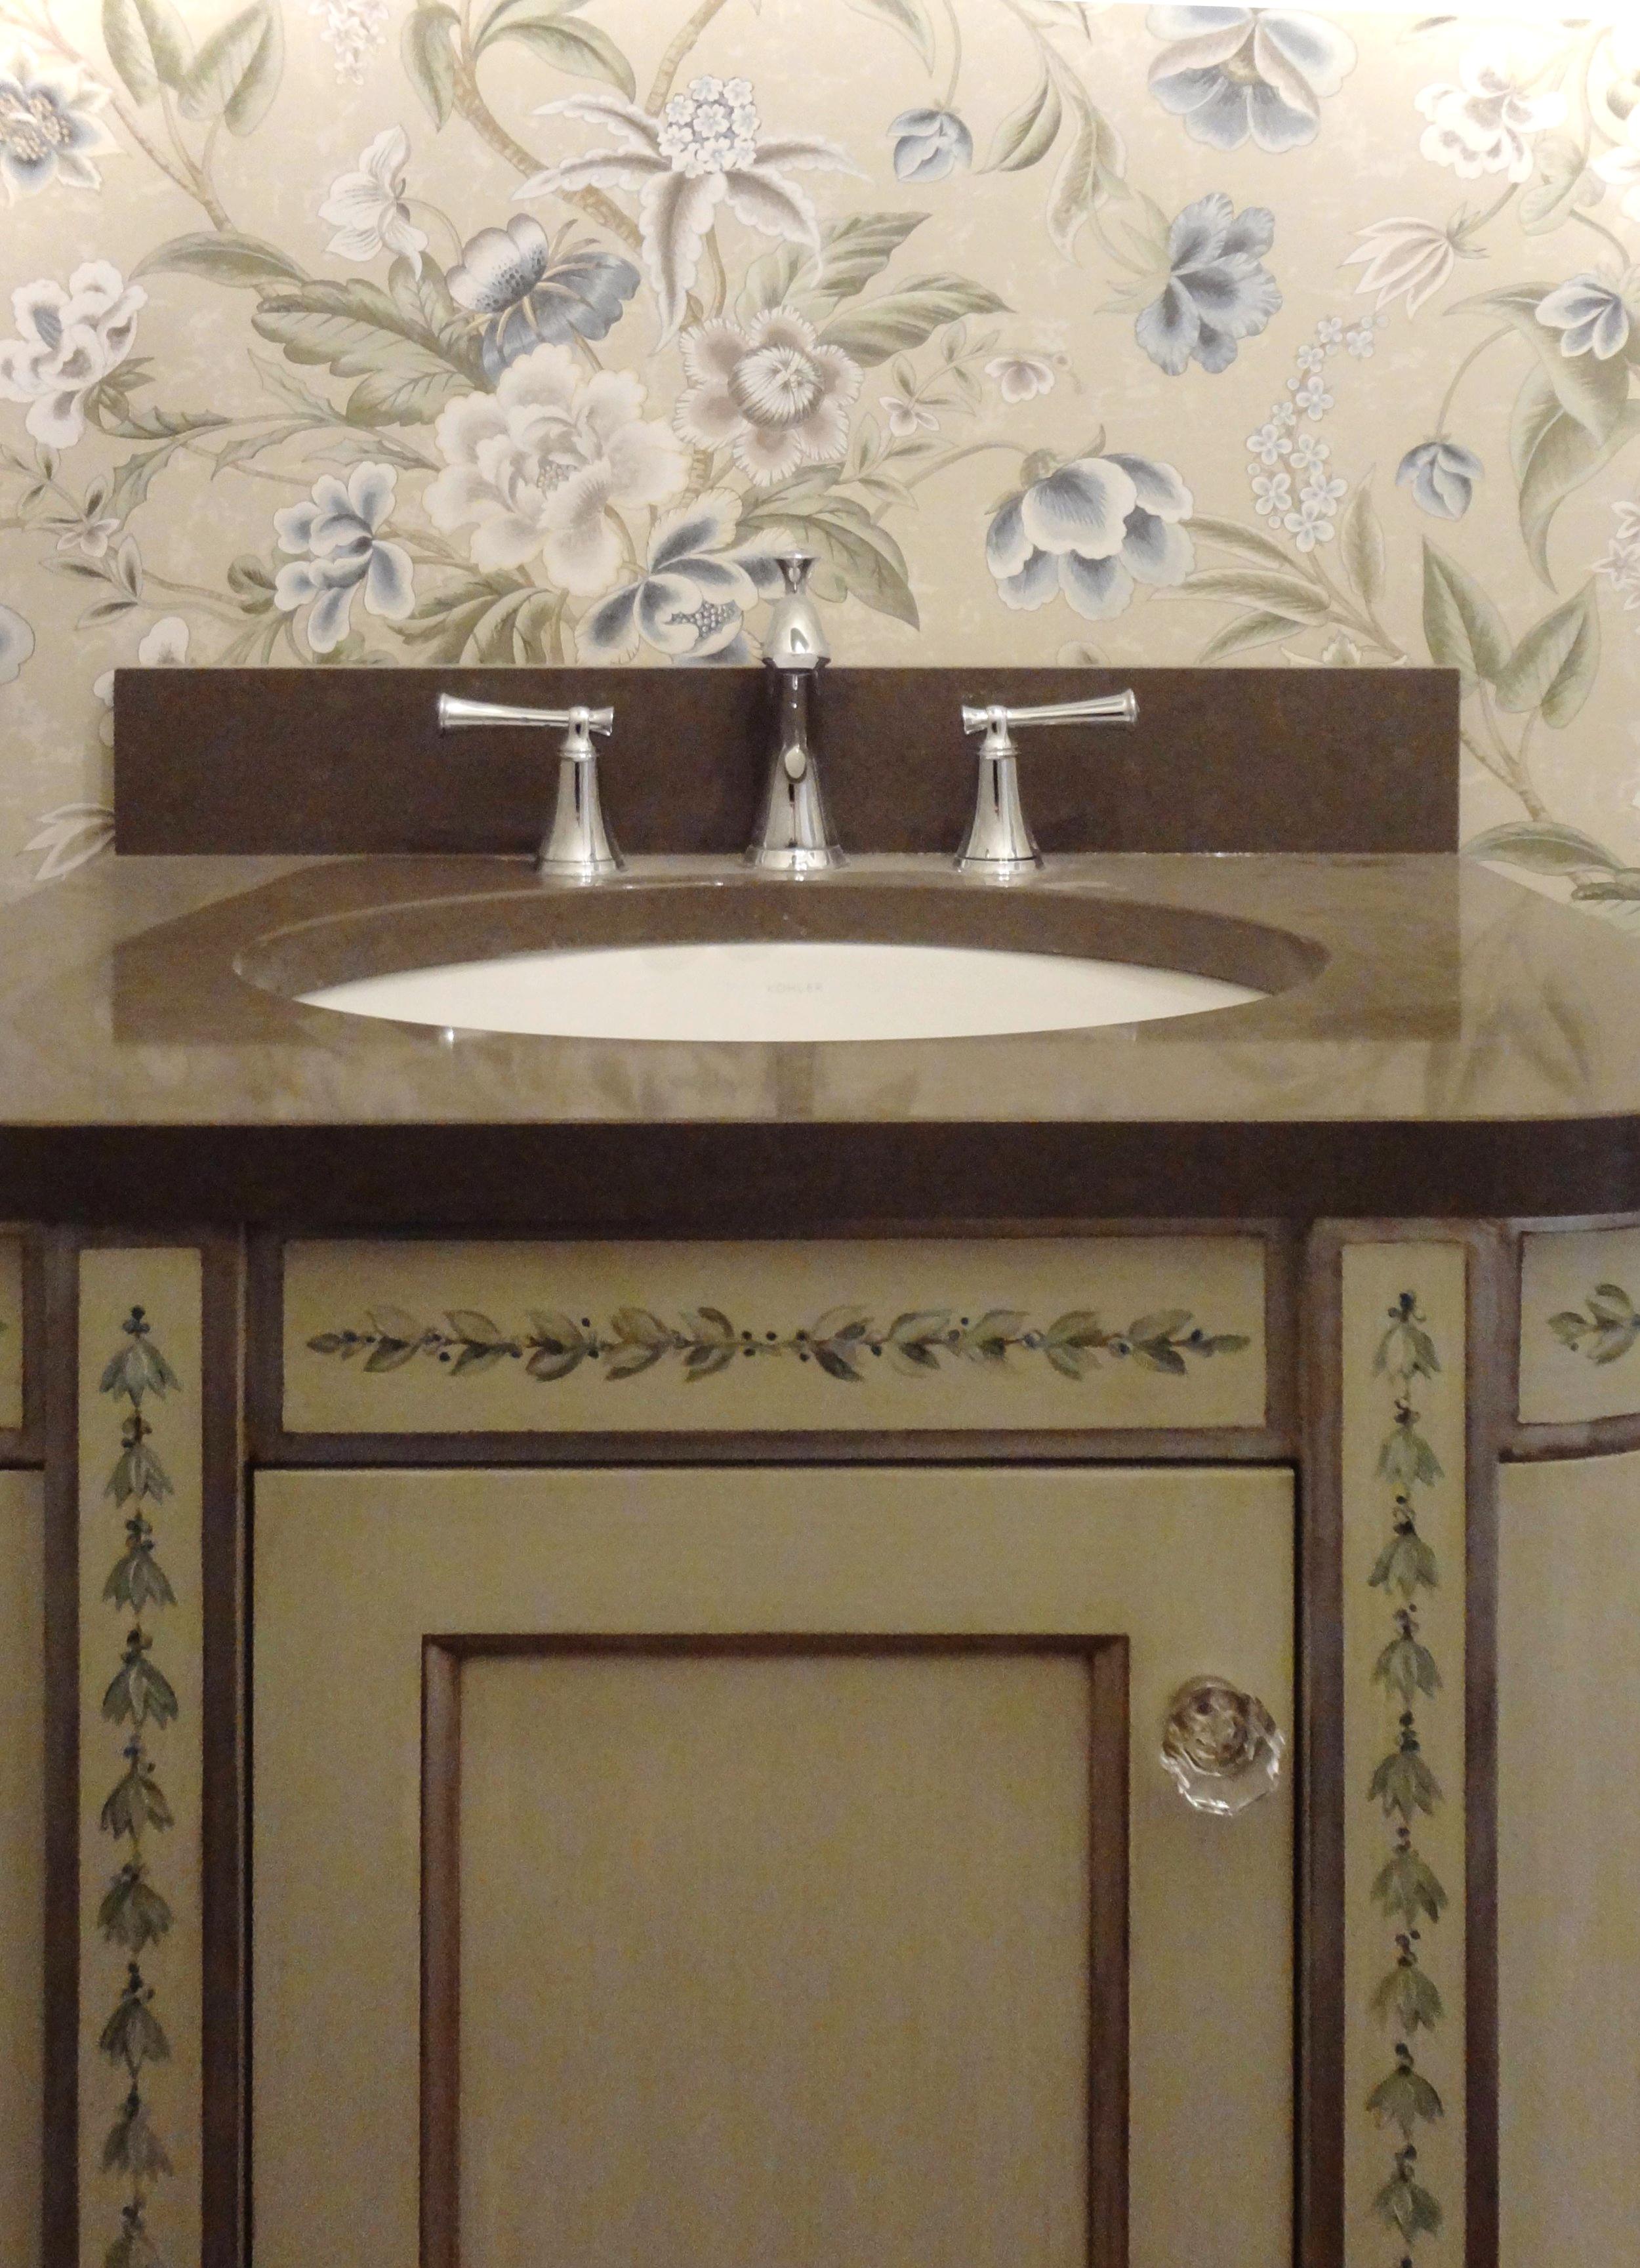 furnitureDSC05519.jpg